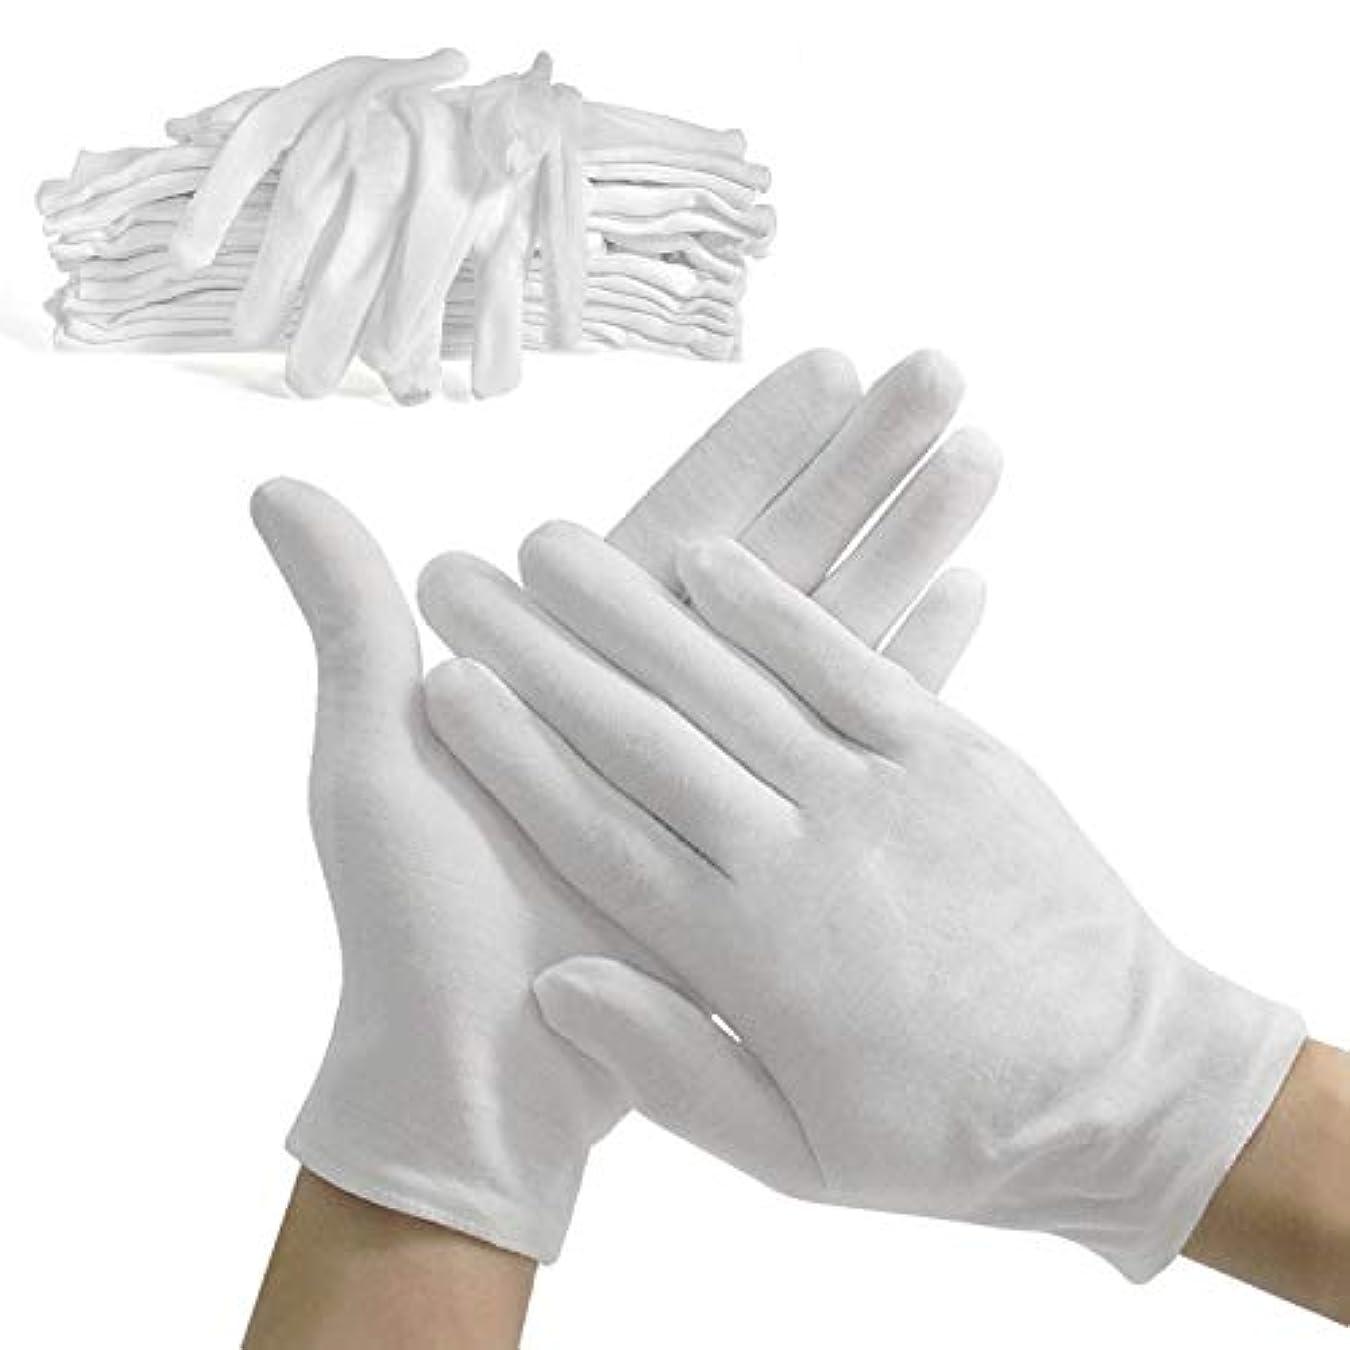 看板国内の弱める使い捨て 手袋 コットン手袋 綿手袋 手荒れ 純綿100% 使い捨て 白手袋 薄手 お休み 湿疹 乾燥肌 保湿 礼装用 メンズ 手袋 レディース (XL,梱包数量50組(100)) (XL,梱包数量50組(100))